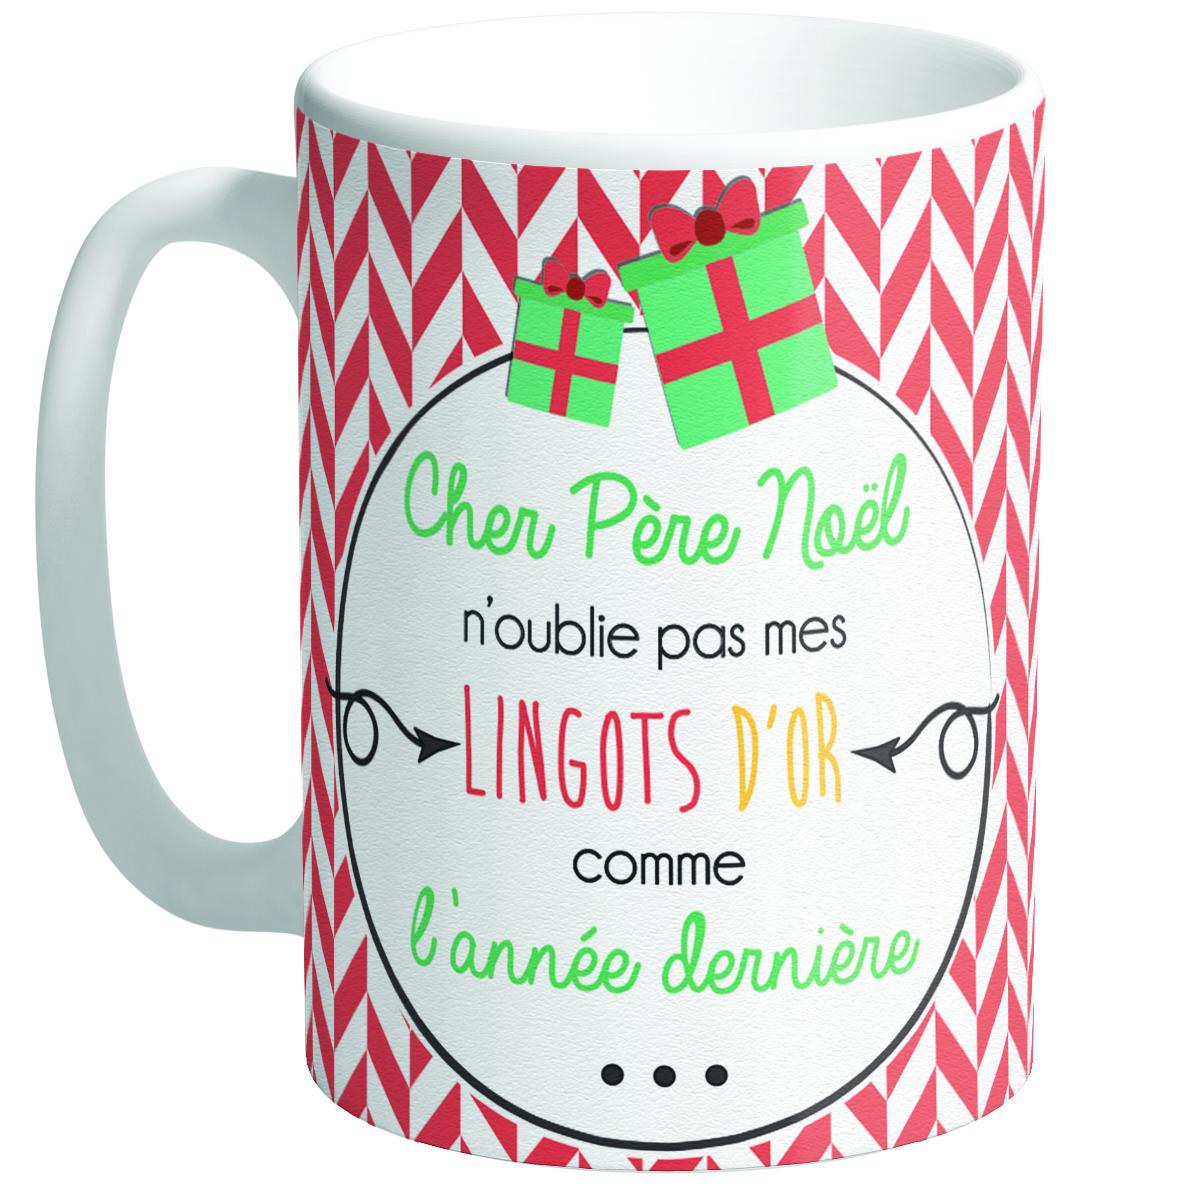 Grand mug céramique \'Messages Noël\' vert rouge (Cher Père Noël)  - [Q3357]